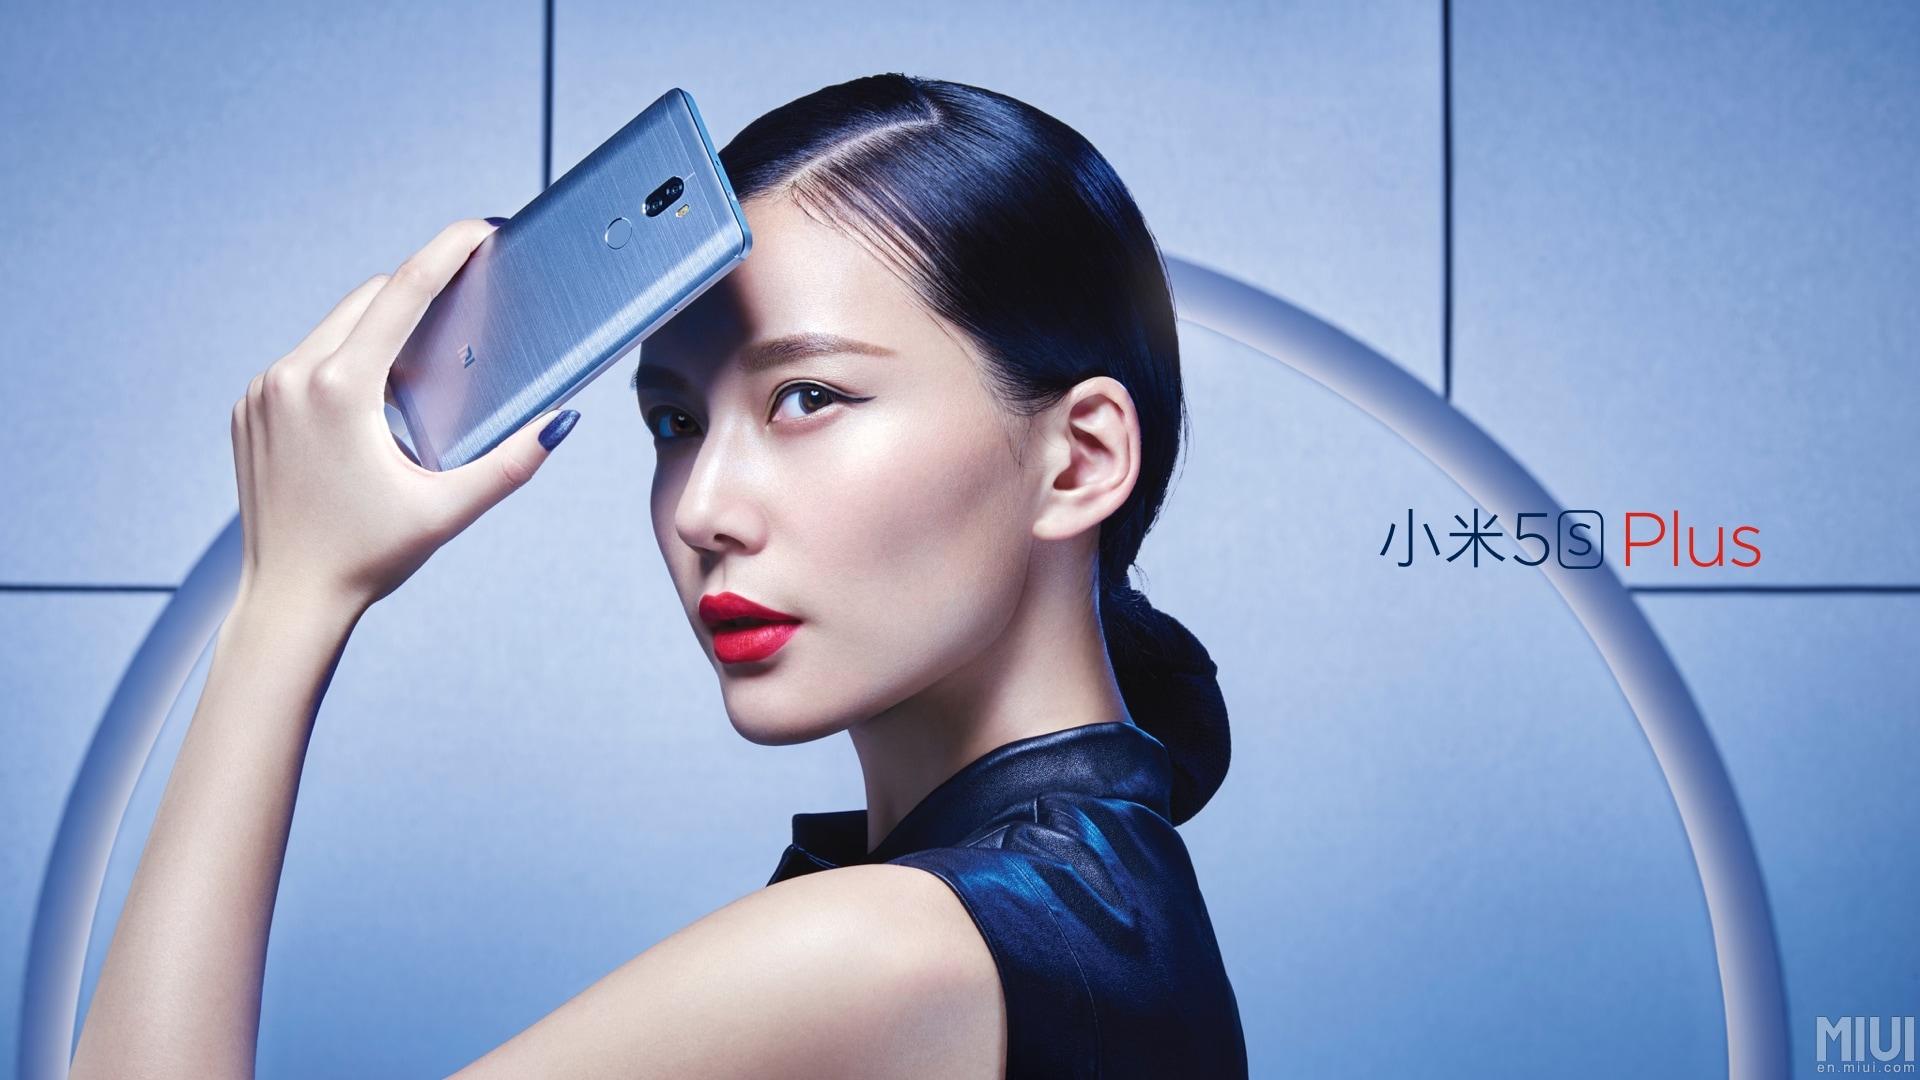 Xiaomi Mi5s Plus – 5